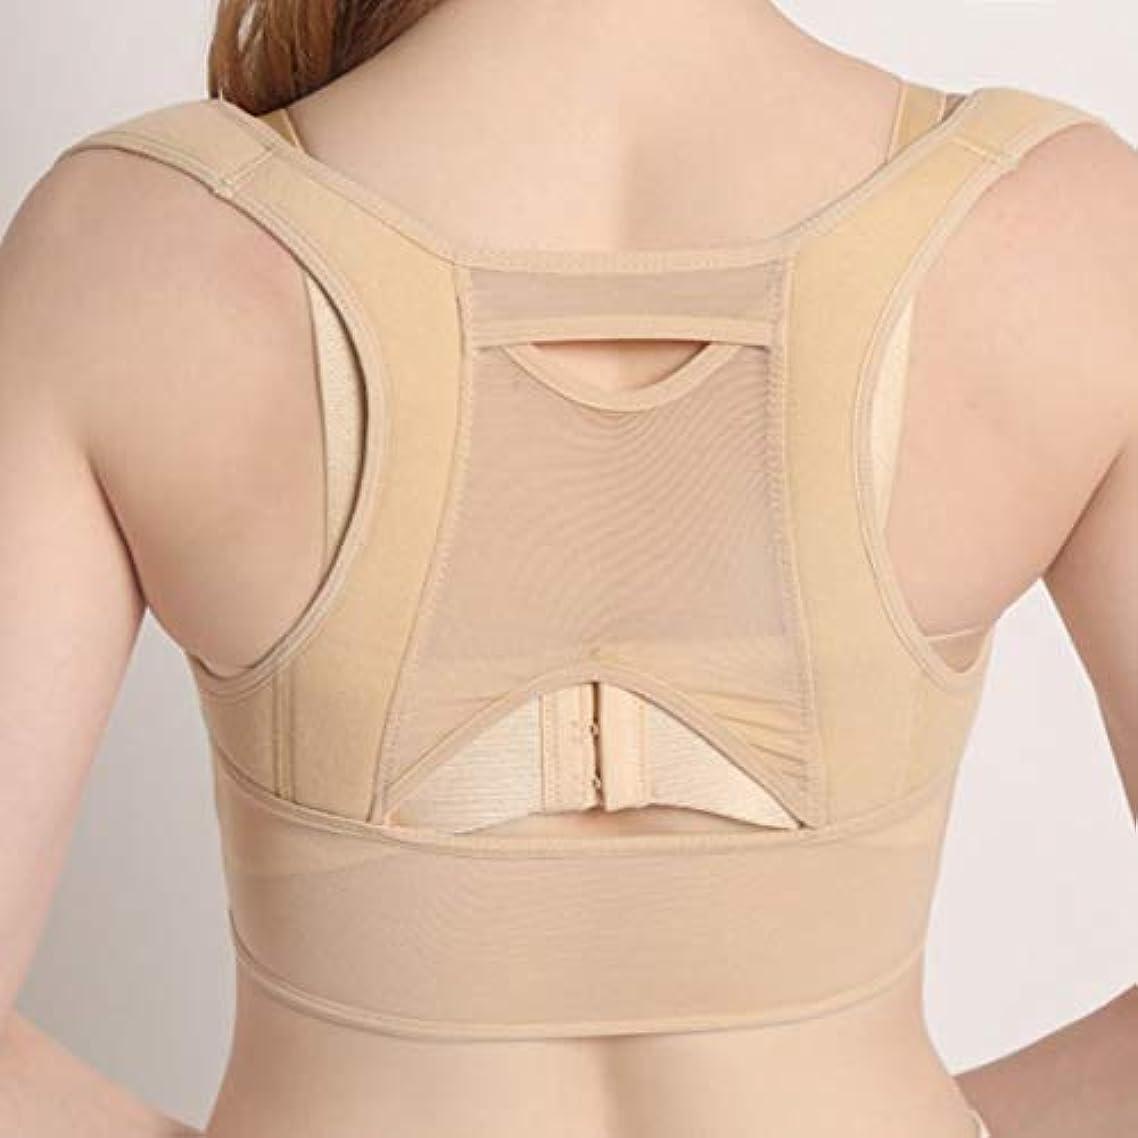 いくつかのみすぼらしい見積り通気性のある女性の背中の姿勢矯正コルセット整形外科の肩の背骨の姿勢矯正腰椎サポート - ベージュホワイトM